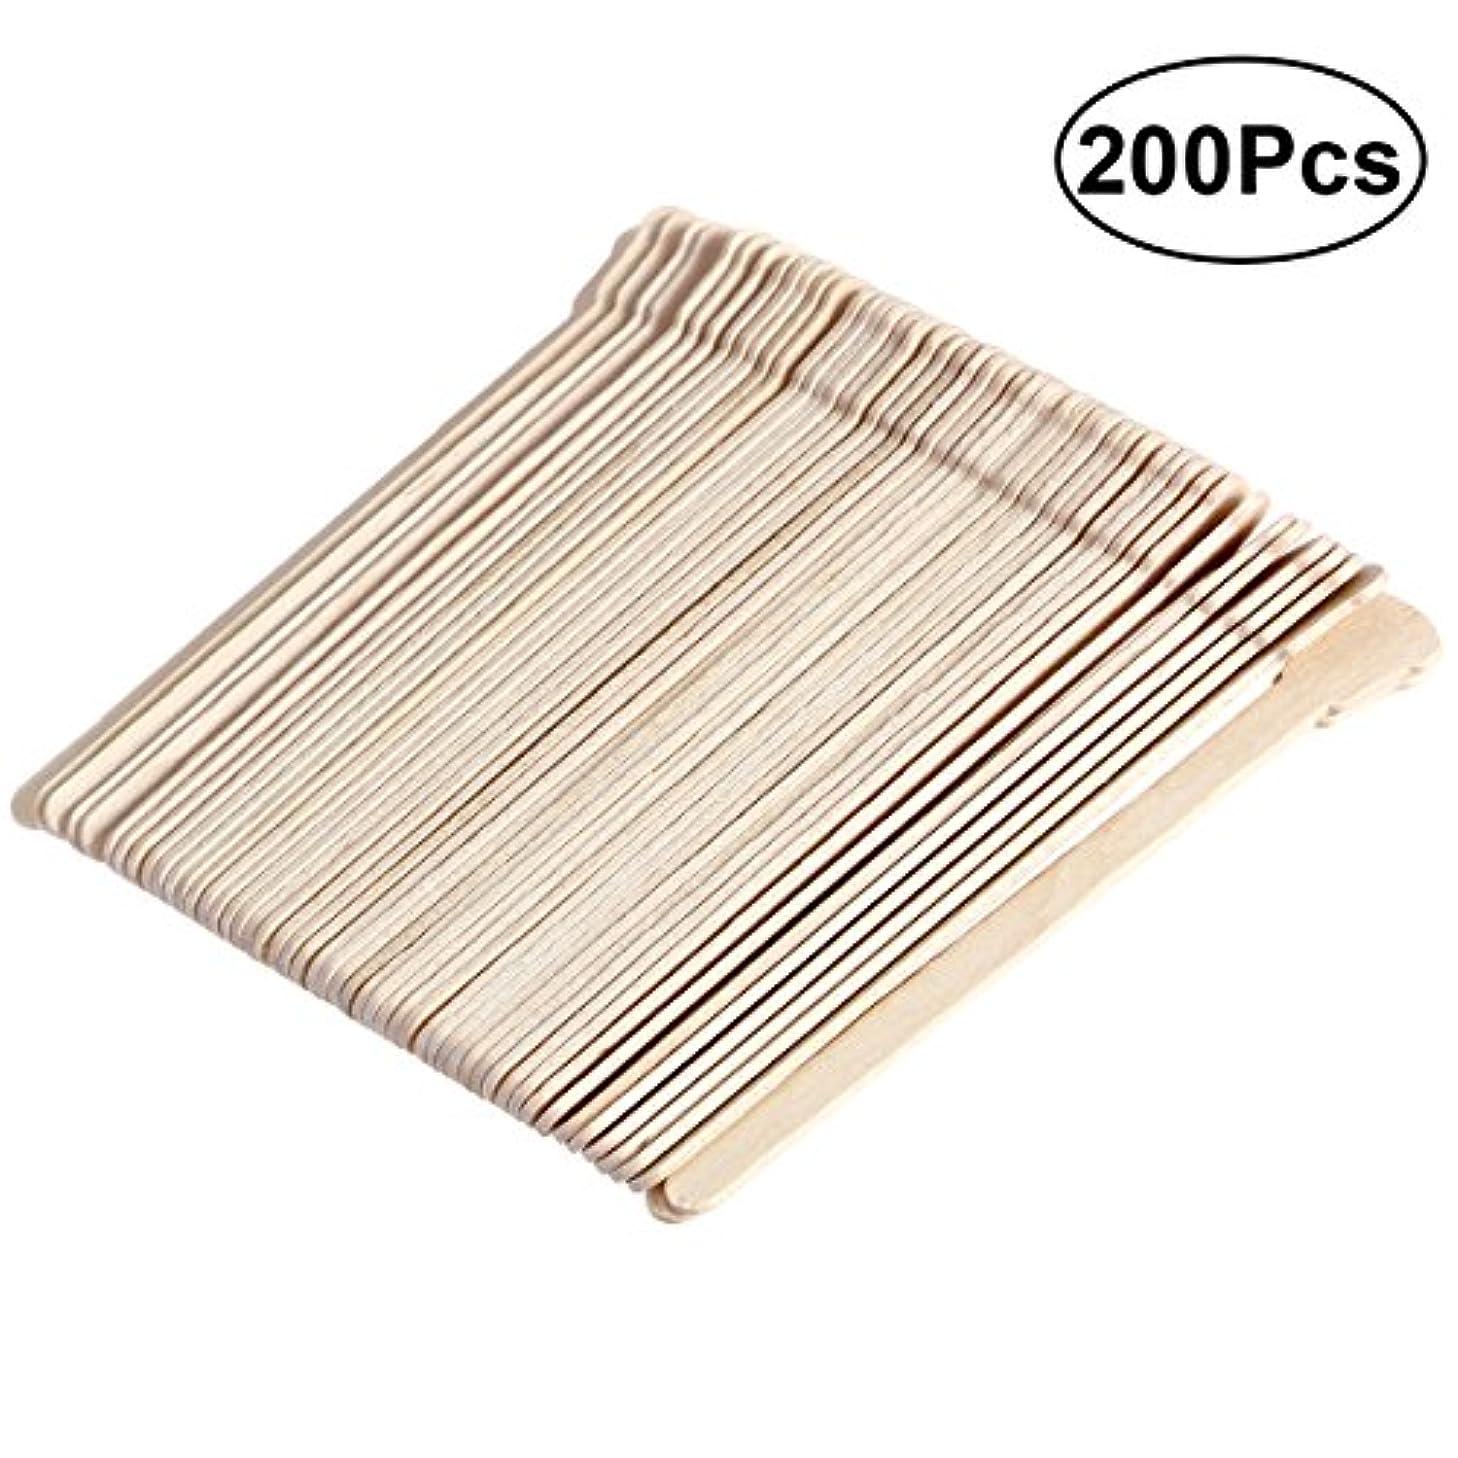 ベストやむを得ないコーデリアSUPVOX 200ピース木製ワックススティックフェイス眉毛ワックスへら脱毛(オリジナル木製色)